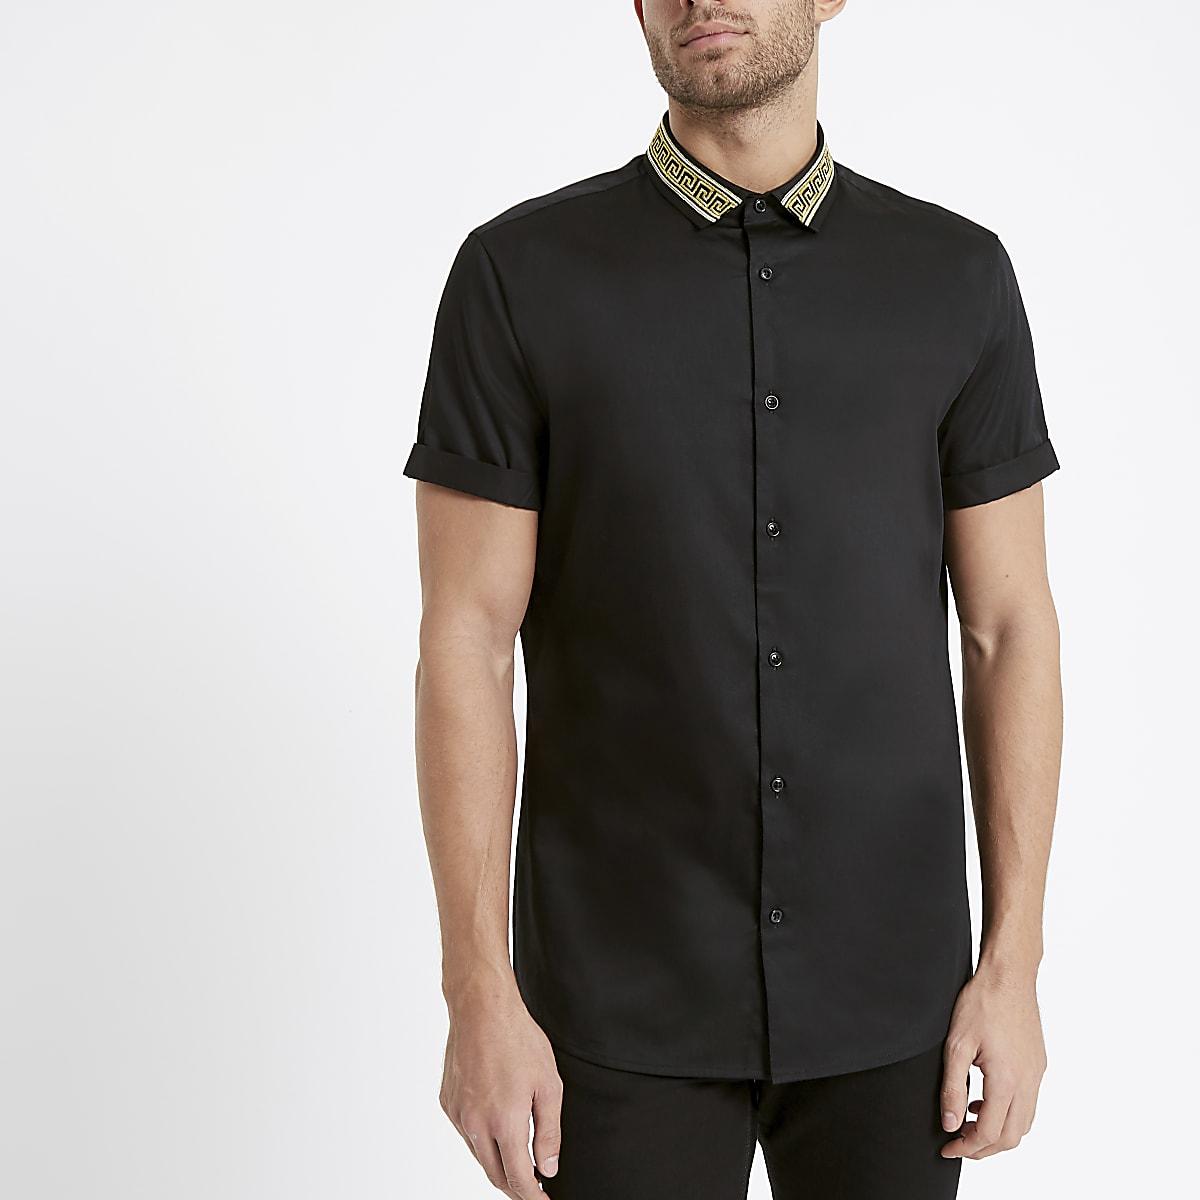 Chemise noire avec borderie dorée sur le col